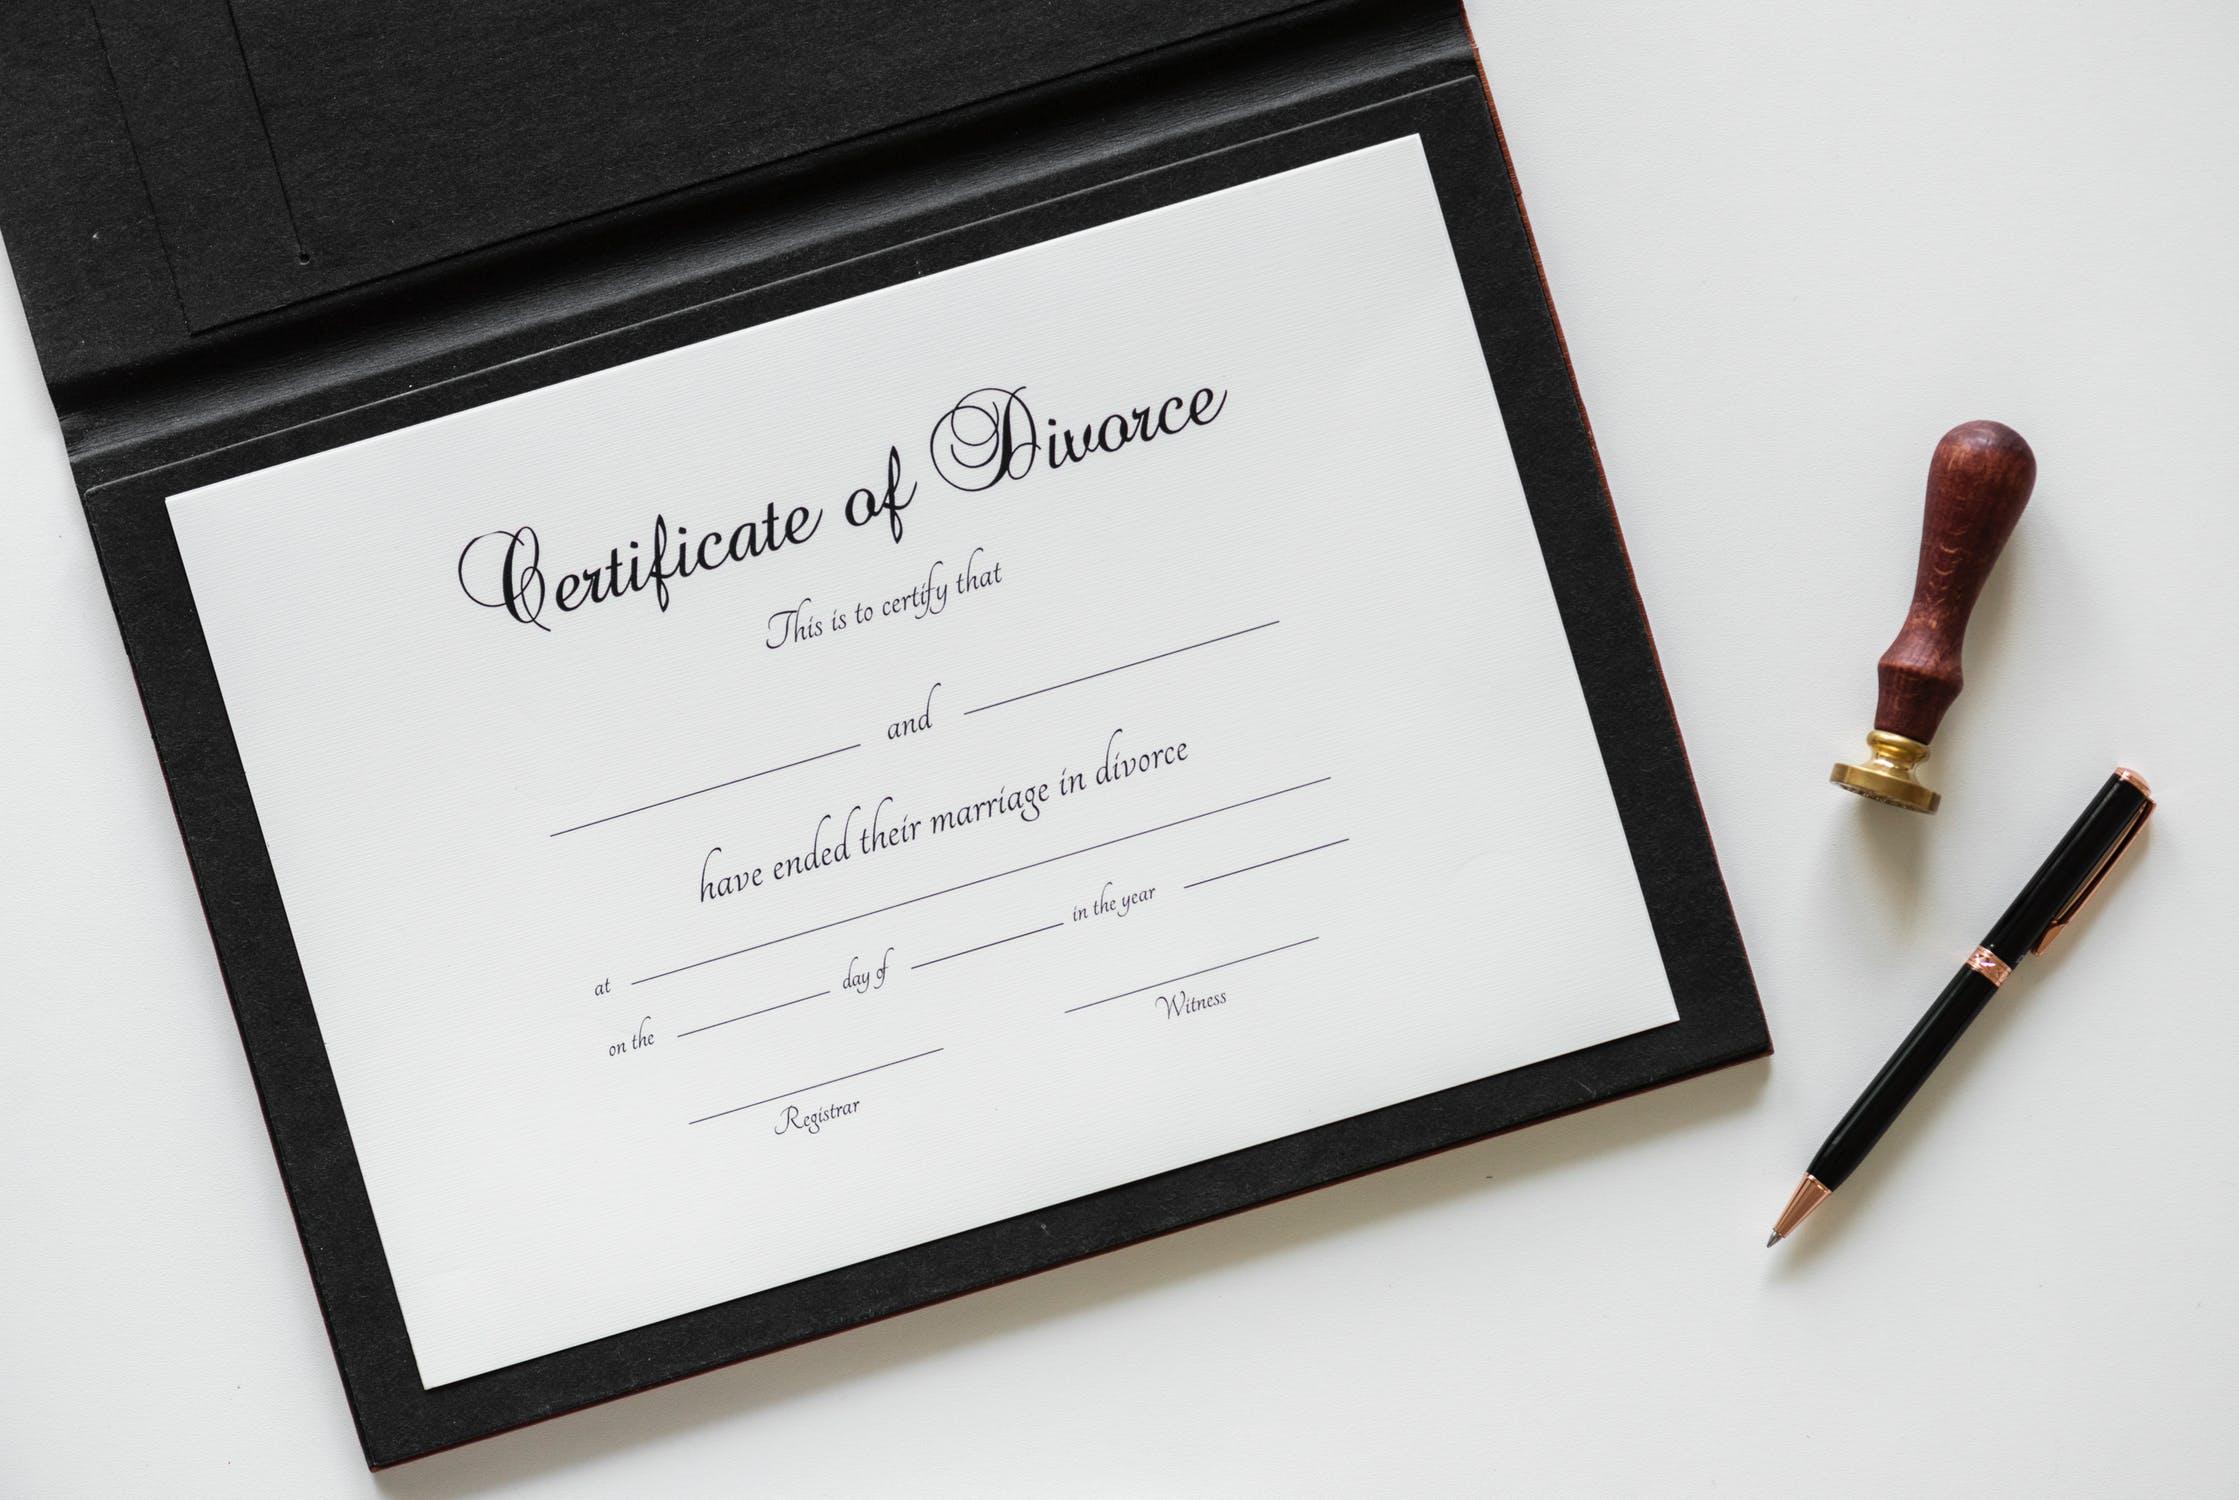 איך מתחילים הליך גירושין?